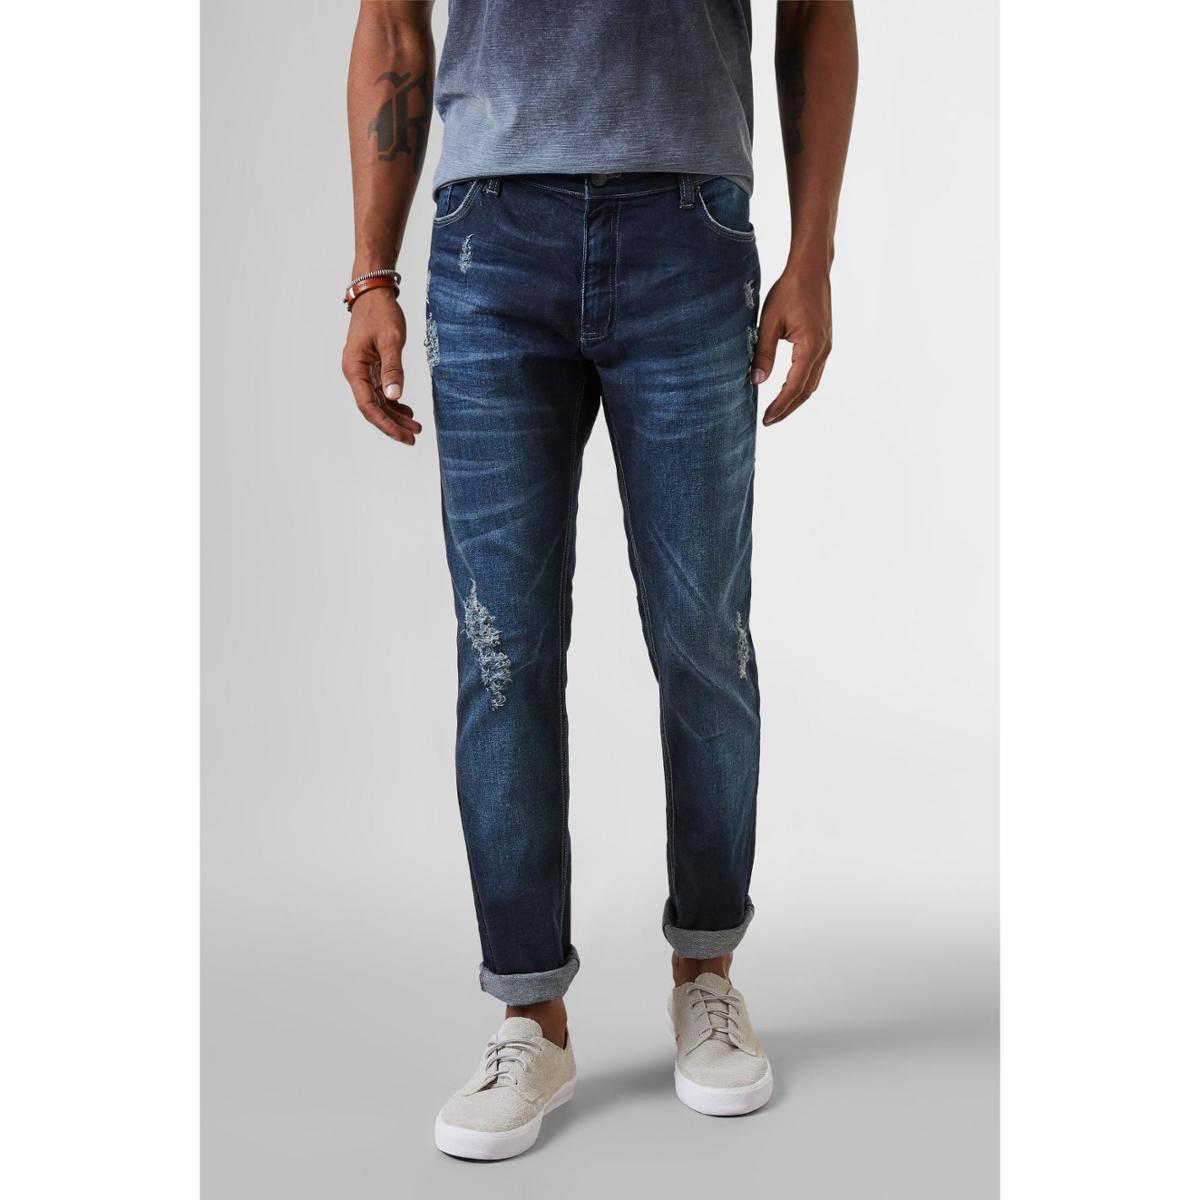 00c901ab0 Calças Reserva Jeans Masculina - Azul - Compre Agora